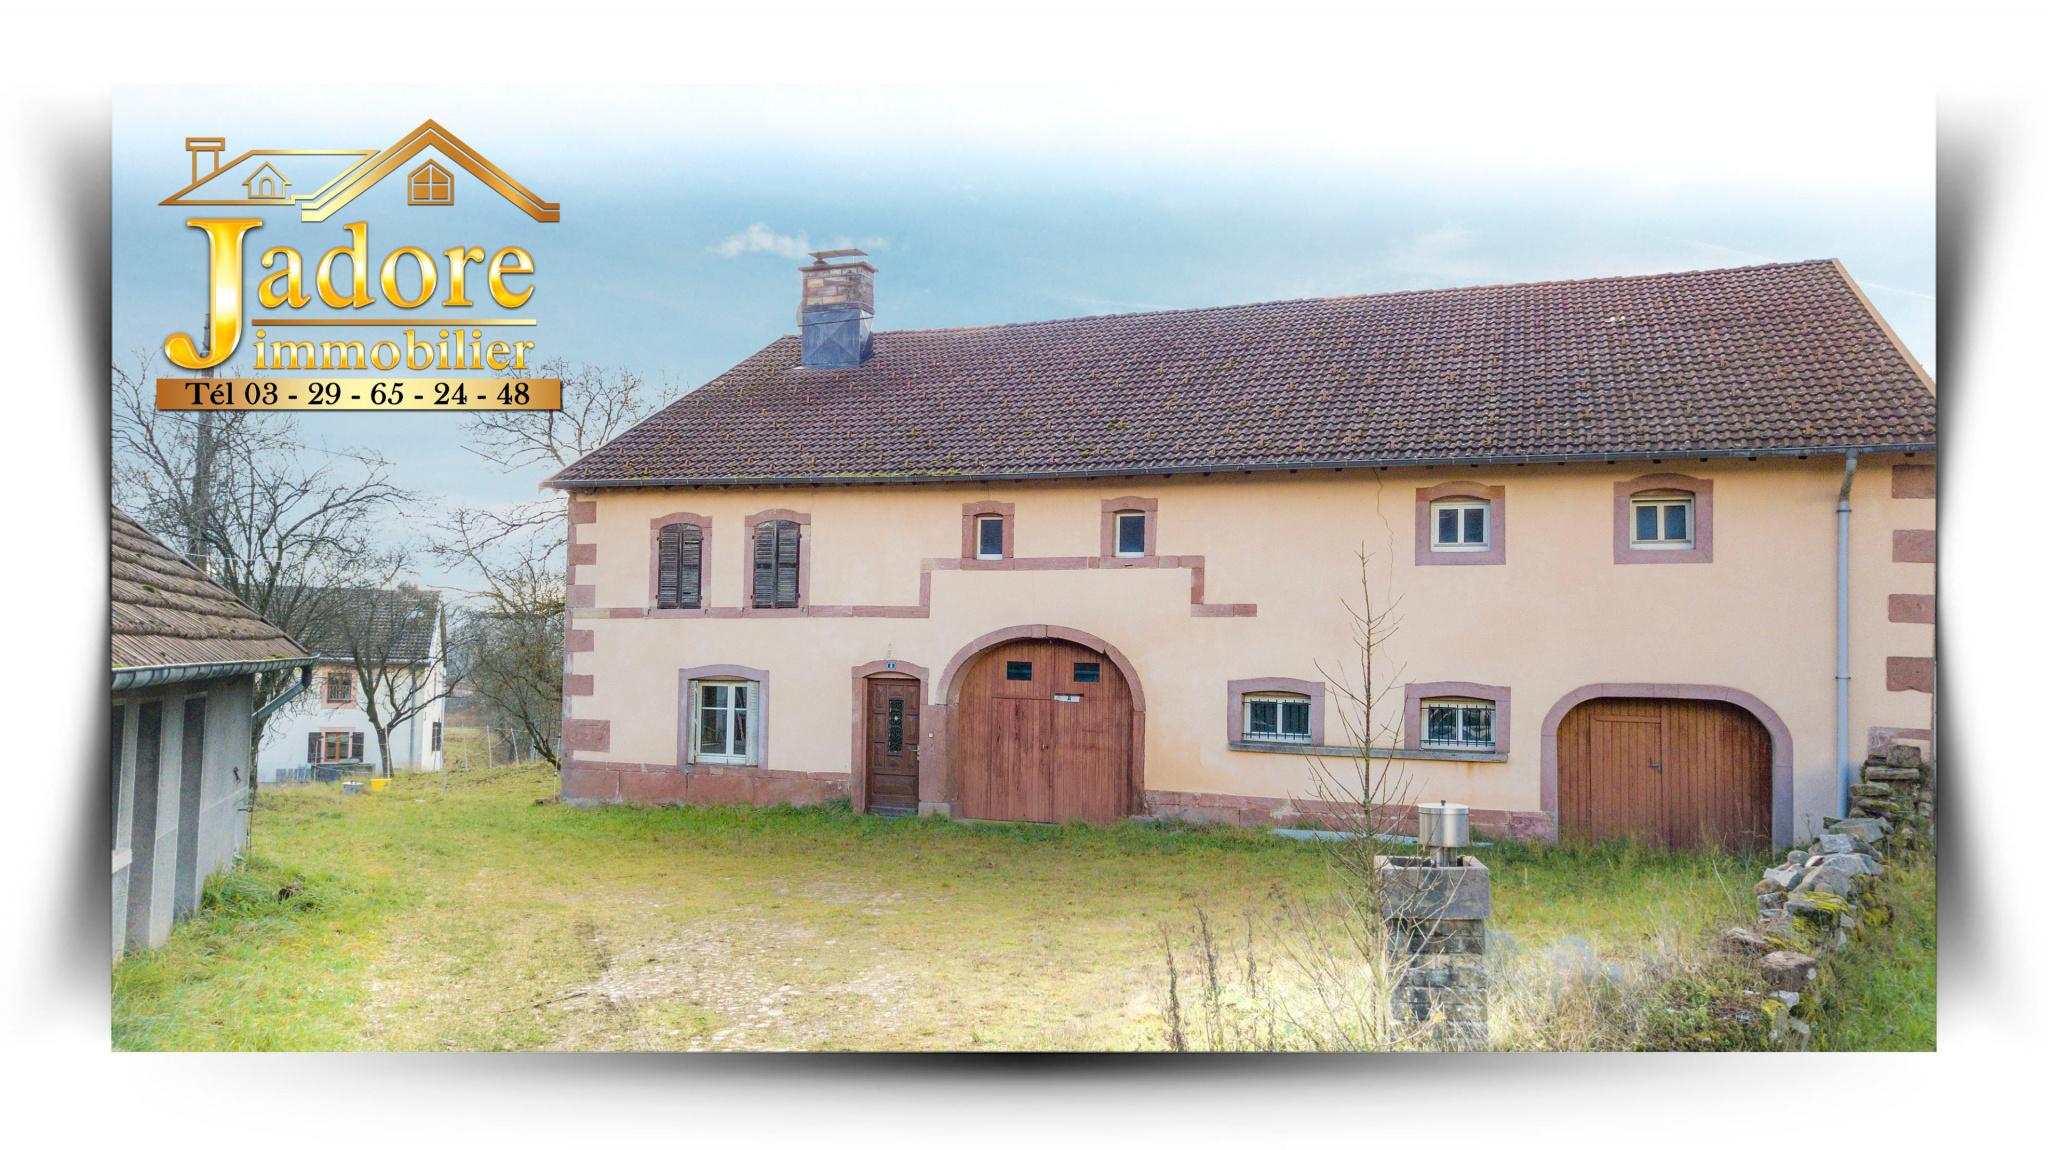 maison/villa à vendre corcieux